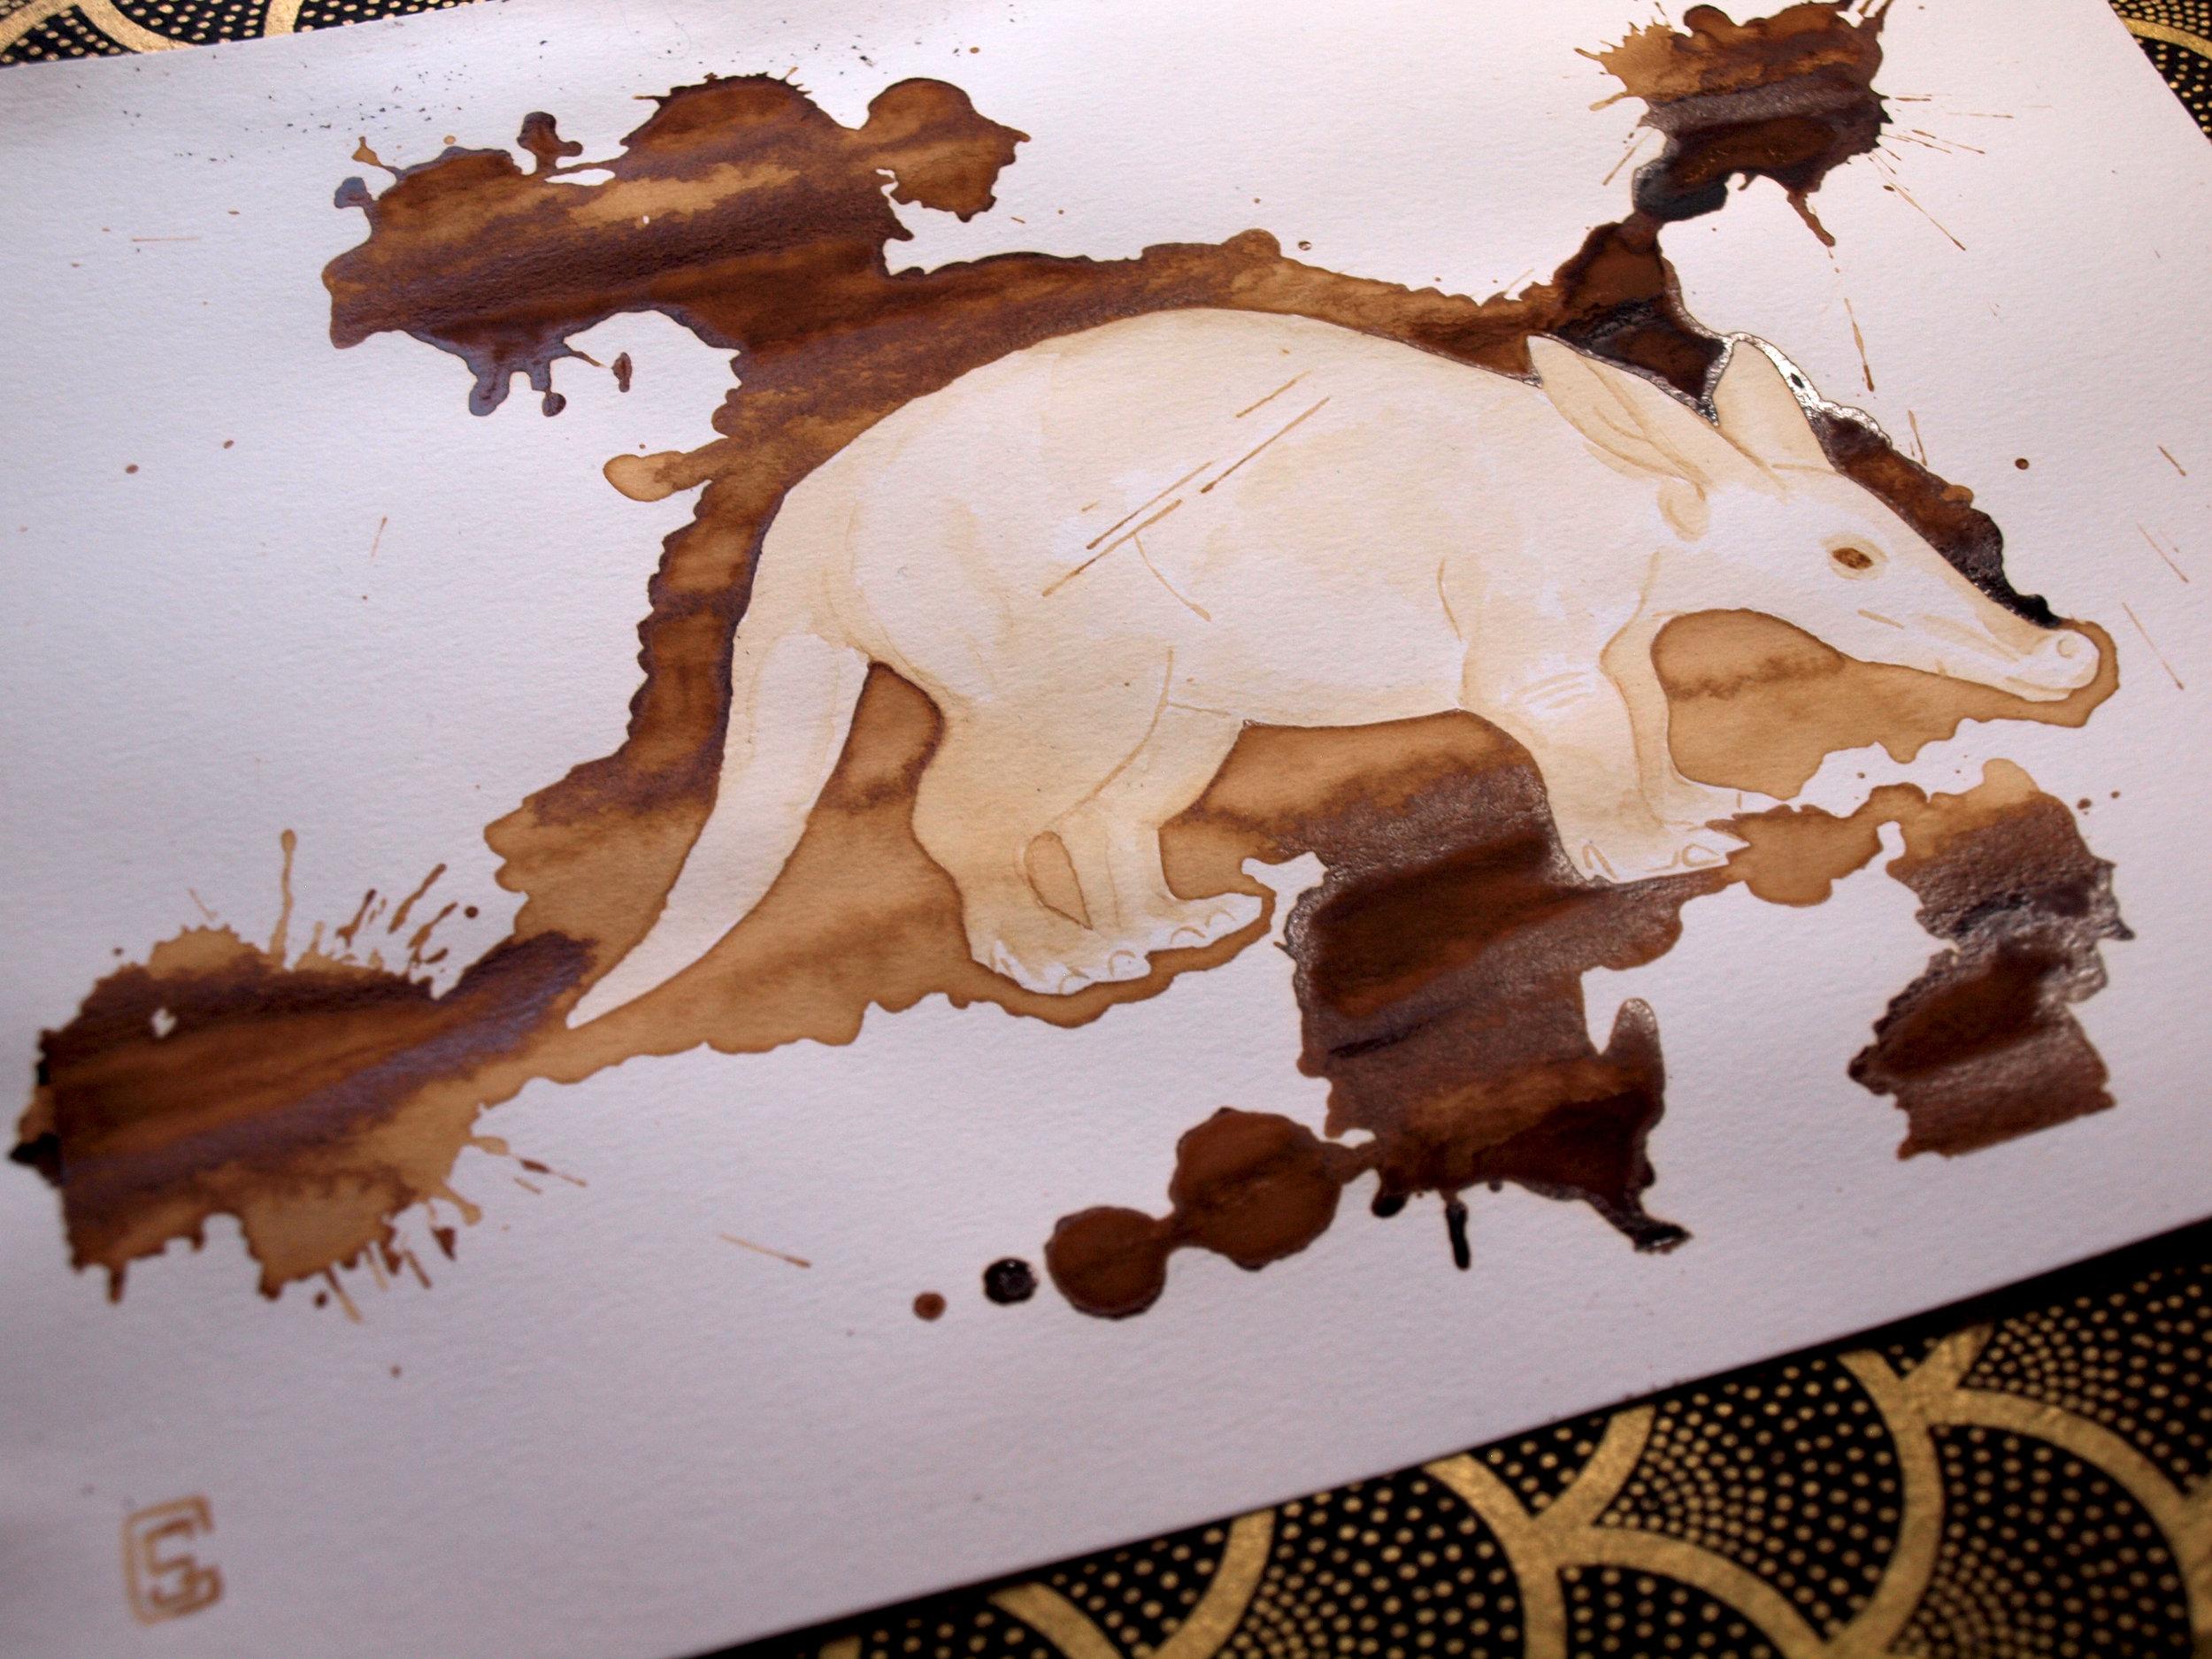 aardvark2.jpg